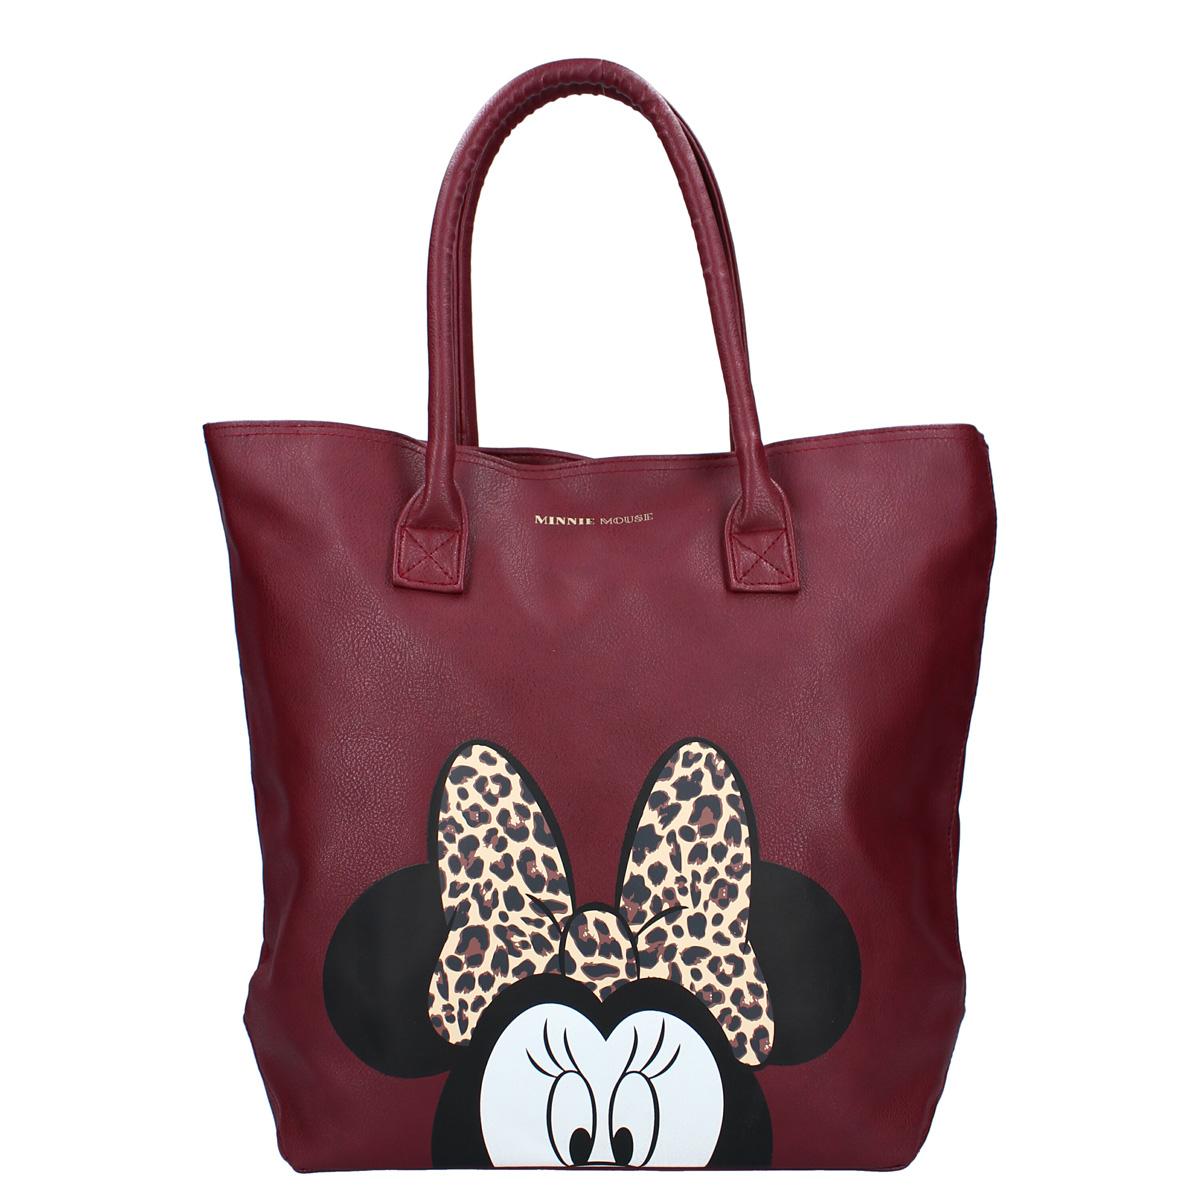 Sac shopping créateur \'Minnie\' rouge bordeaux - 36x30x13 cm - [A0575]